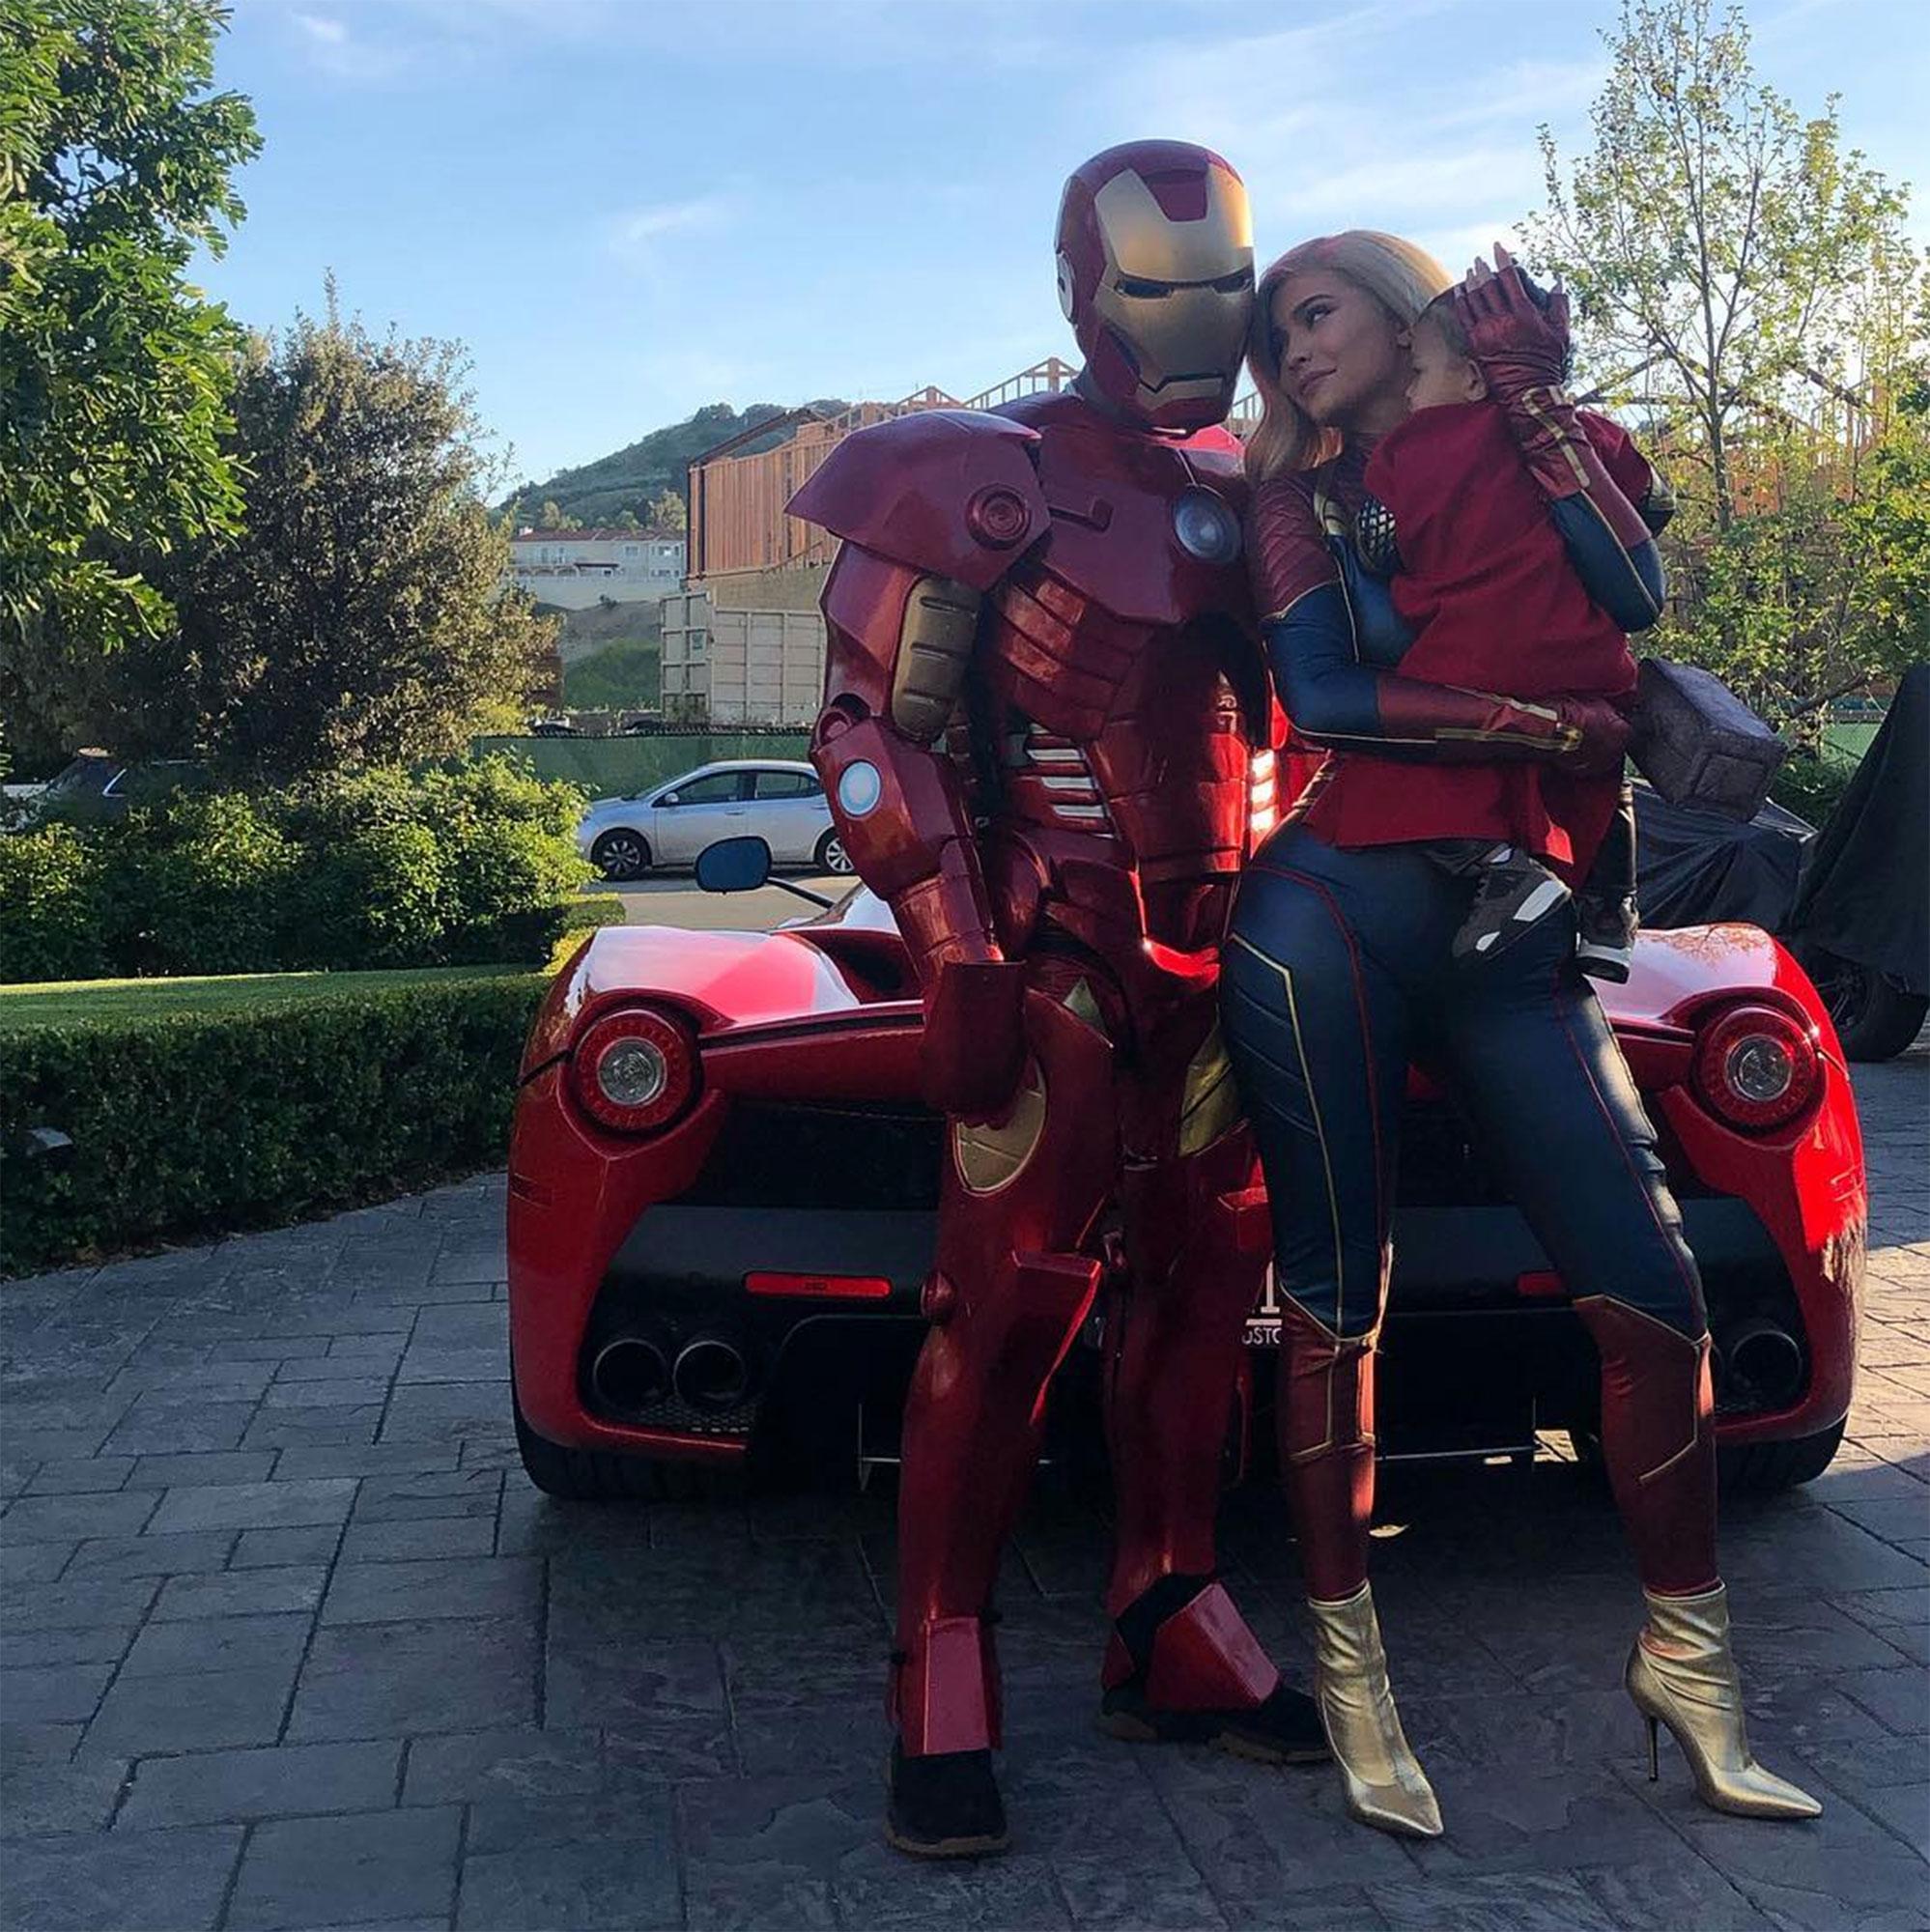 Kylie Jenner Wears Captain Marvel Costume For Travis Scotts Birthday